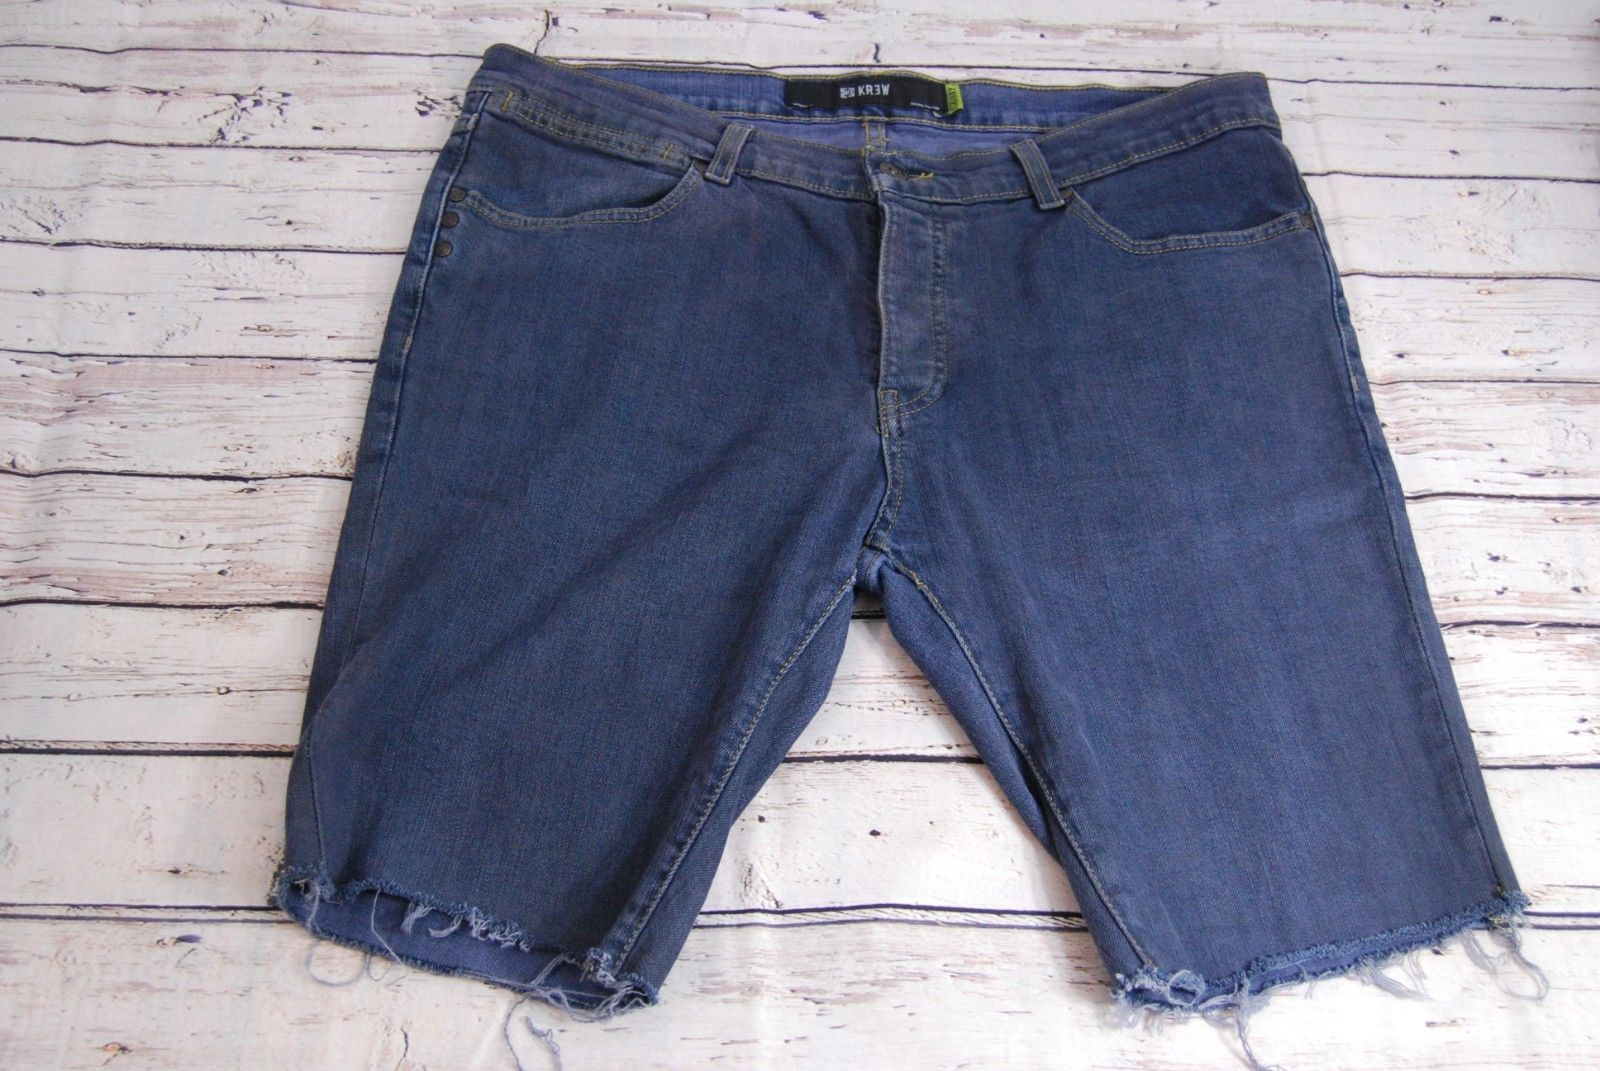 KREW KR3W Cut Off Button Fly Jean Shorts - Size 38